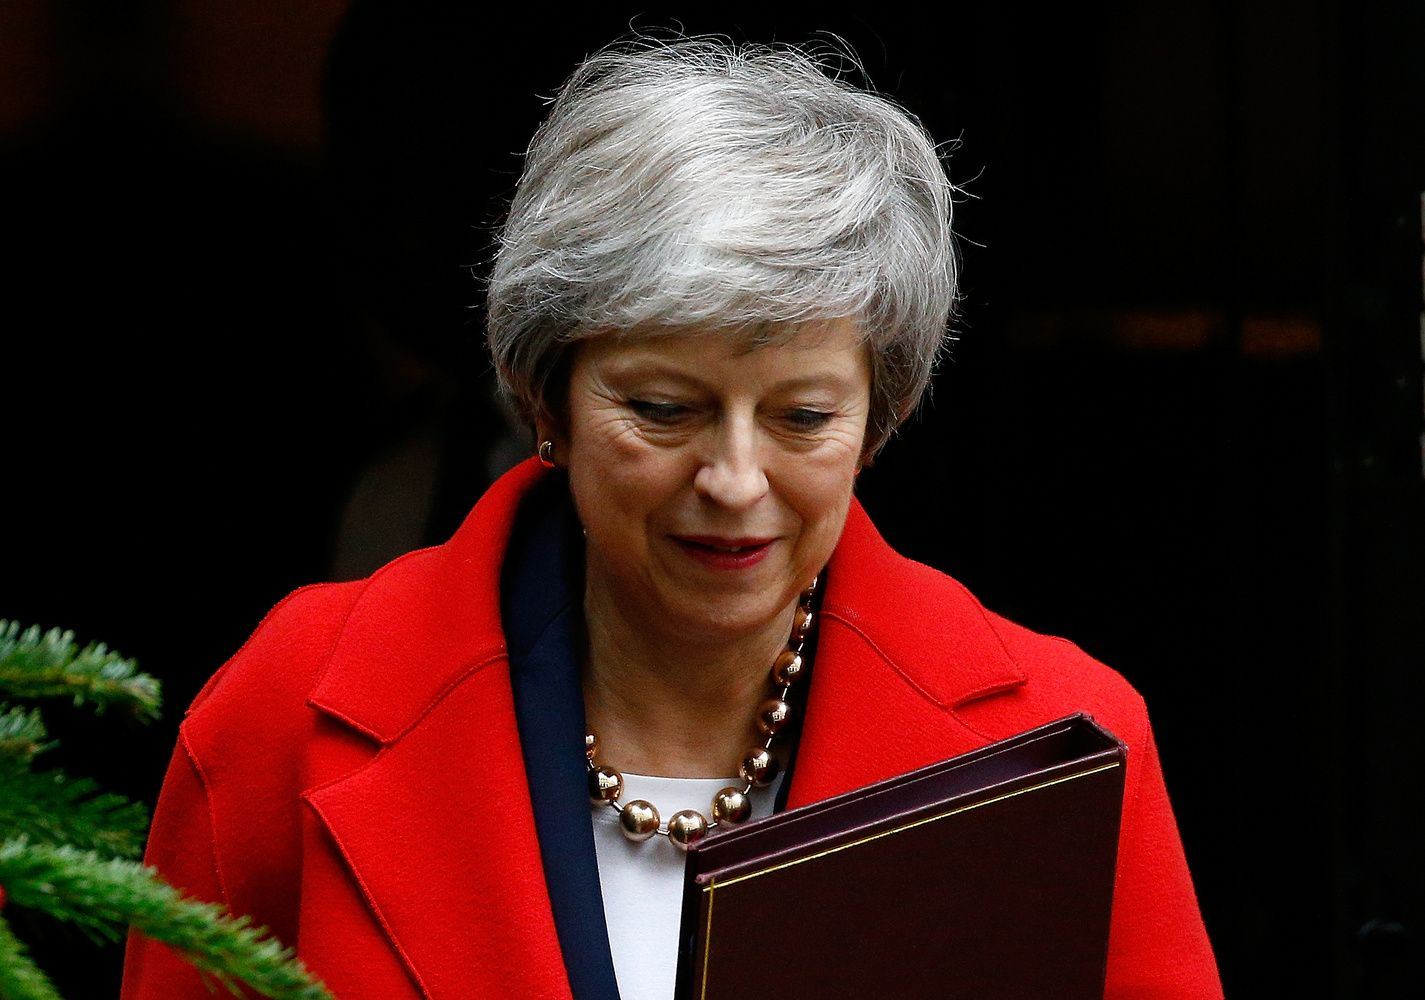 Th. May rūpesčiai tęsiasi, JK parlamente pralaimėjo svarbius mūšius